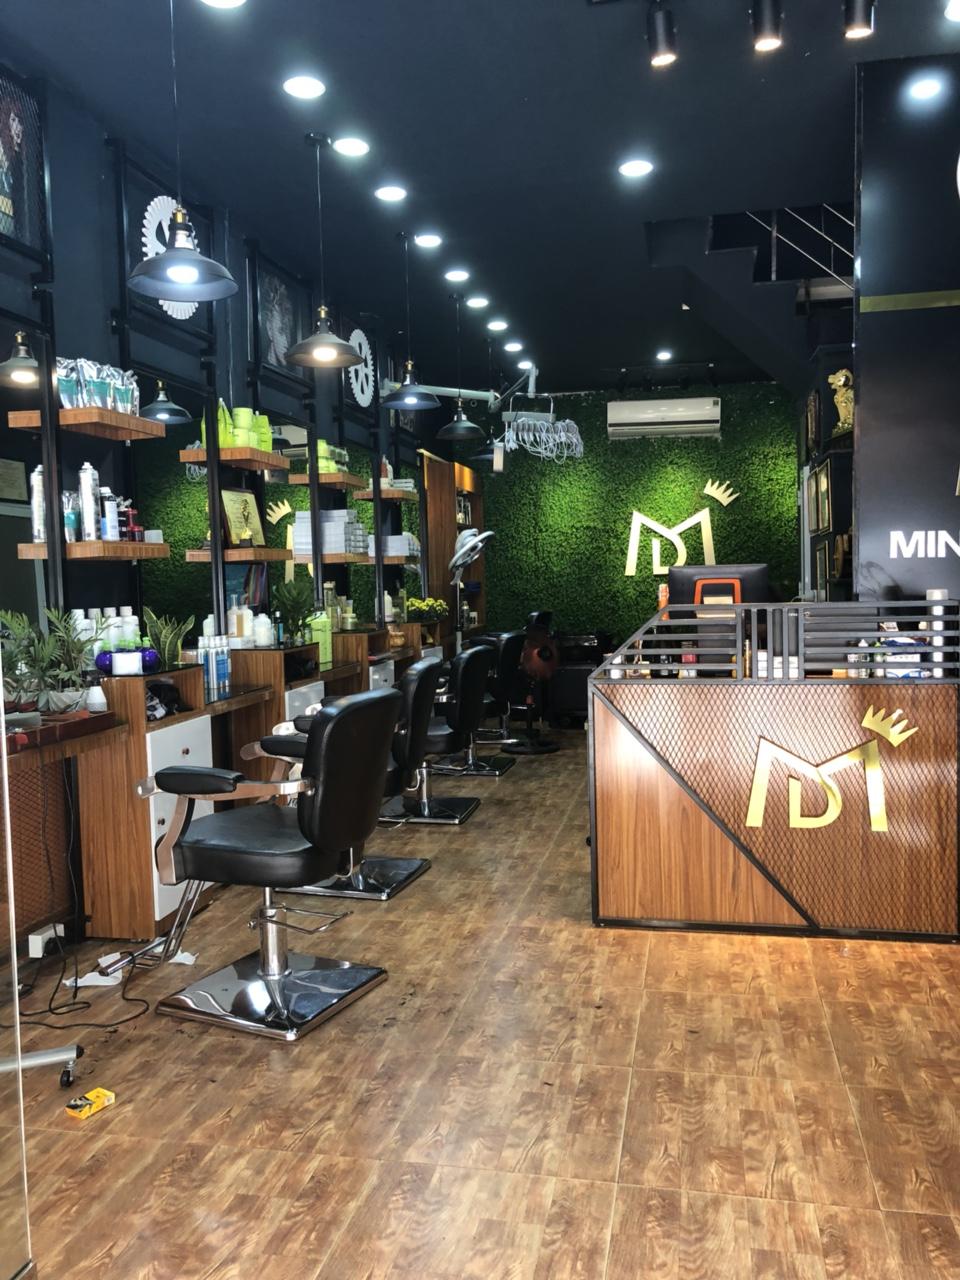 Chủ nhân Giải nhất Cây kéo vàng Đất Việt 2018 - Chàng trai 9x khởi nghiệp từ trông coi tiệm net - Ảnh 2.